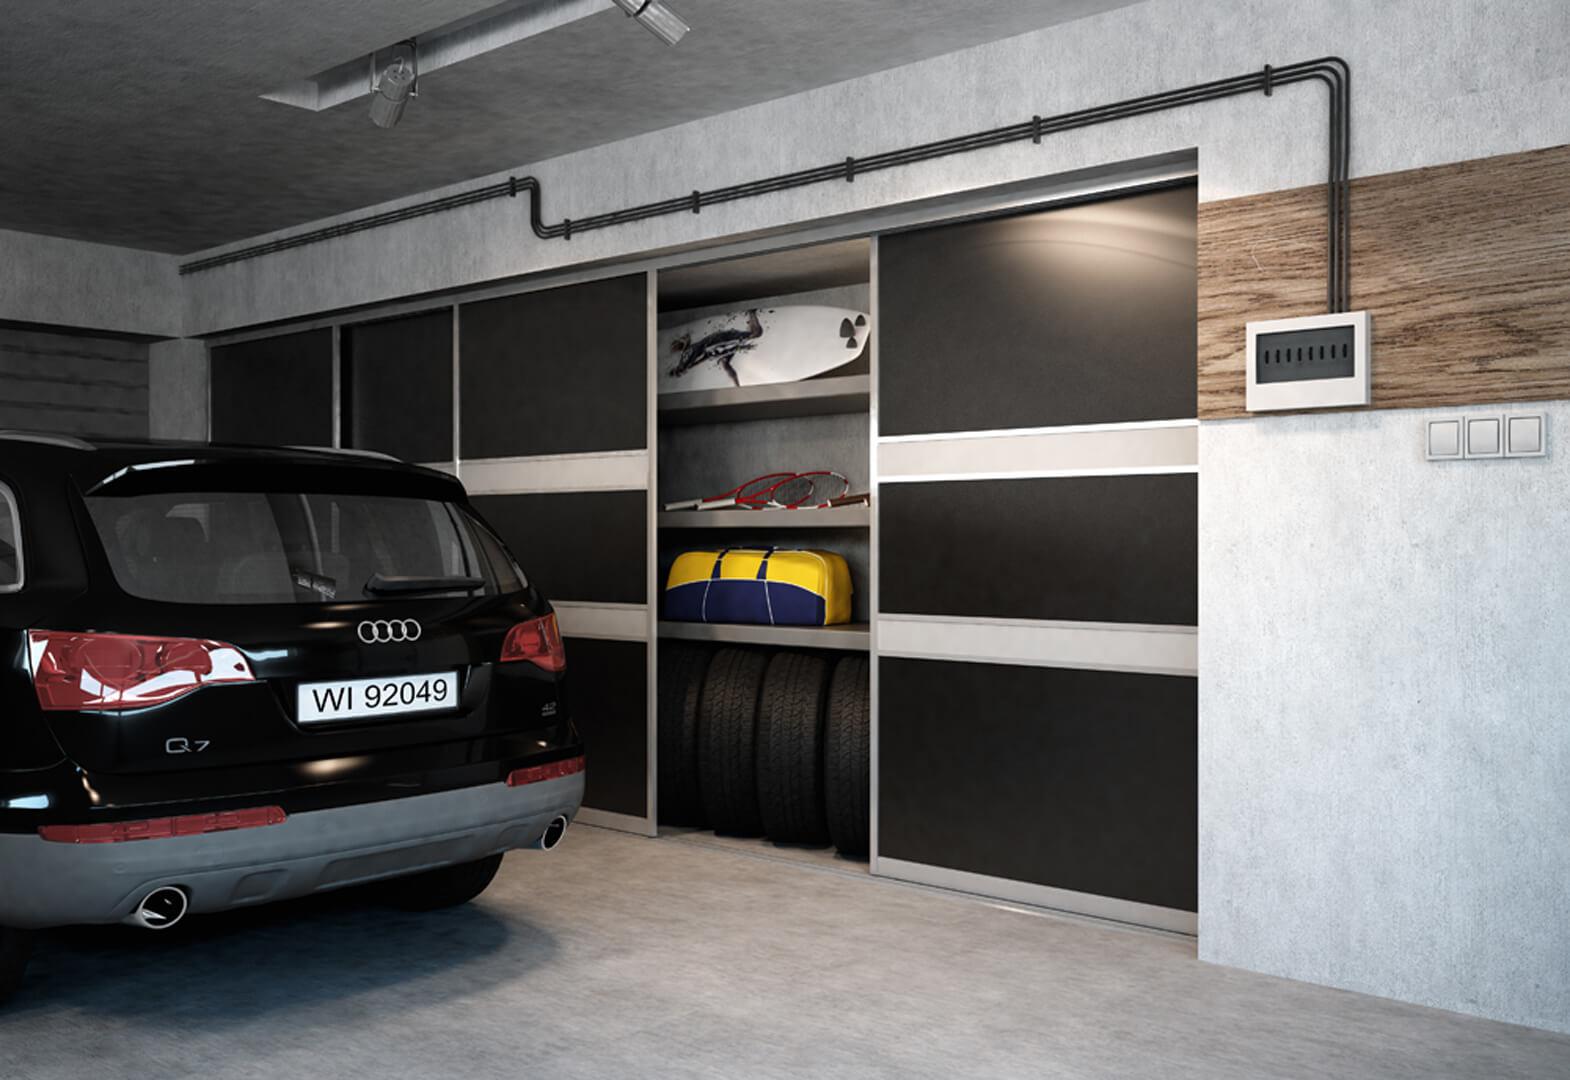 Bardzo duża zabudowa w czarnym kolorze drzwi przesuwnych w garażu samochodowym